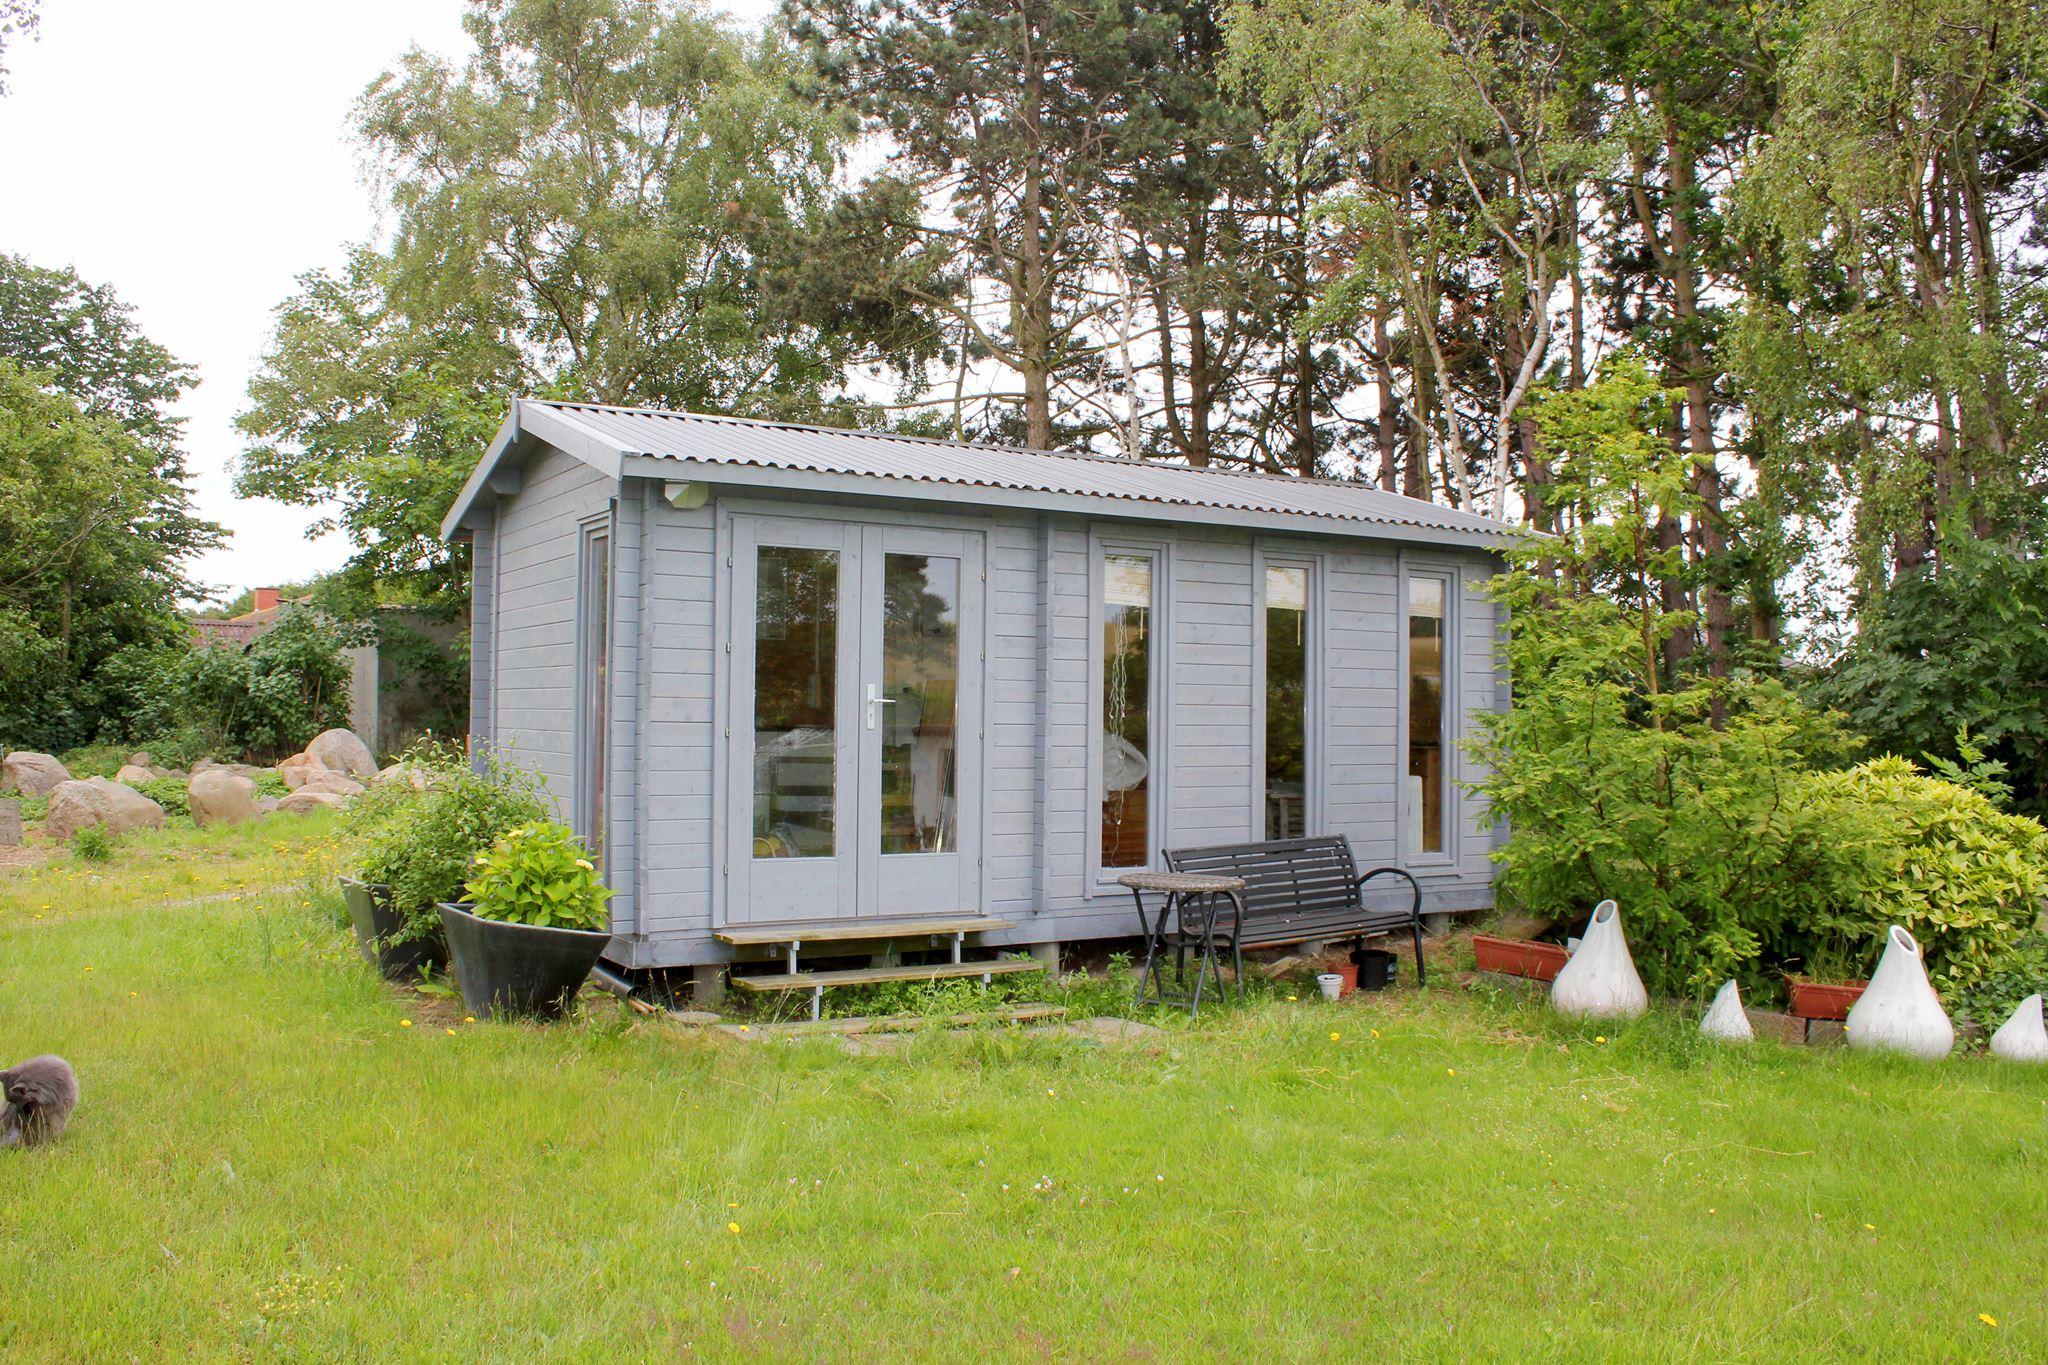 Bjækehytte Nicole billedet indsendt af kunde findes på www.sølundhuse.dk